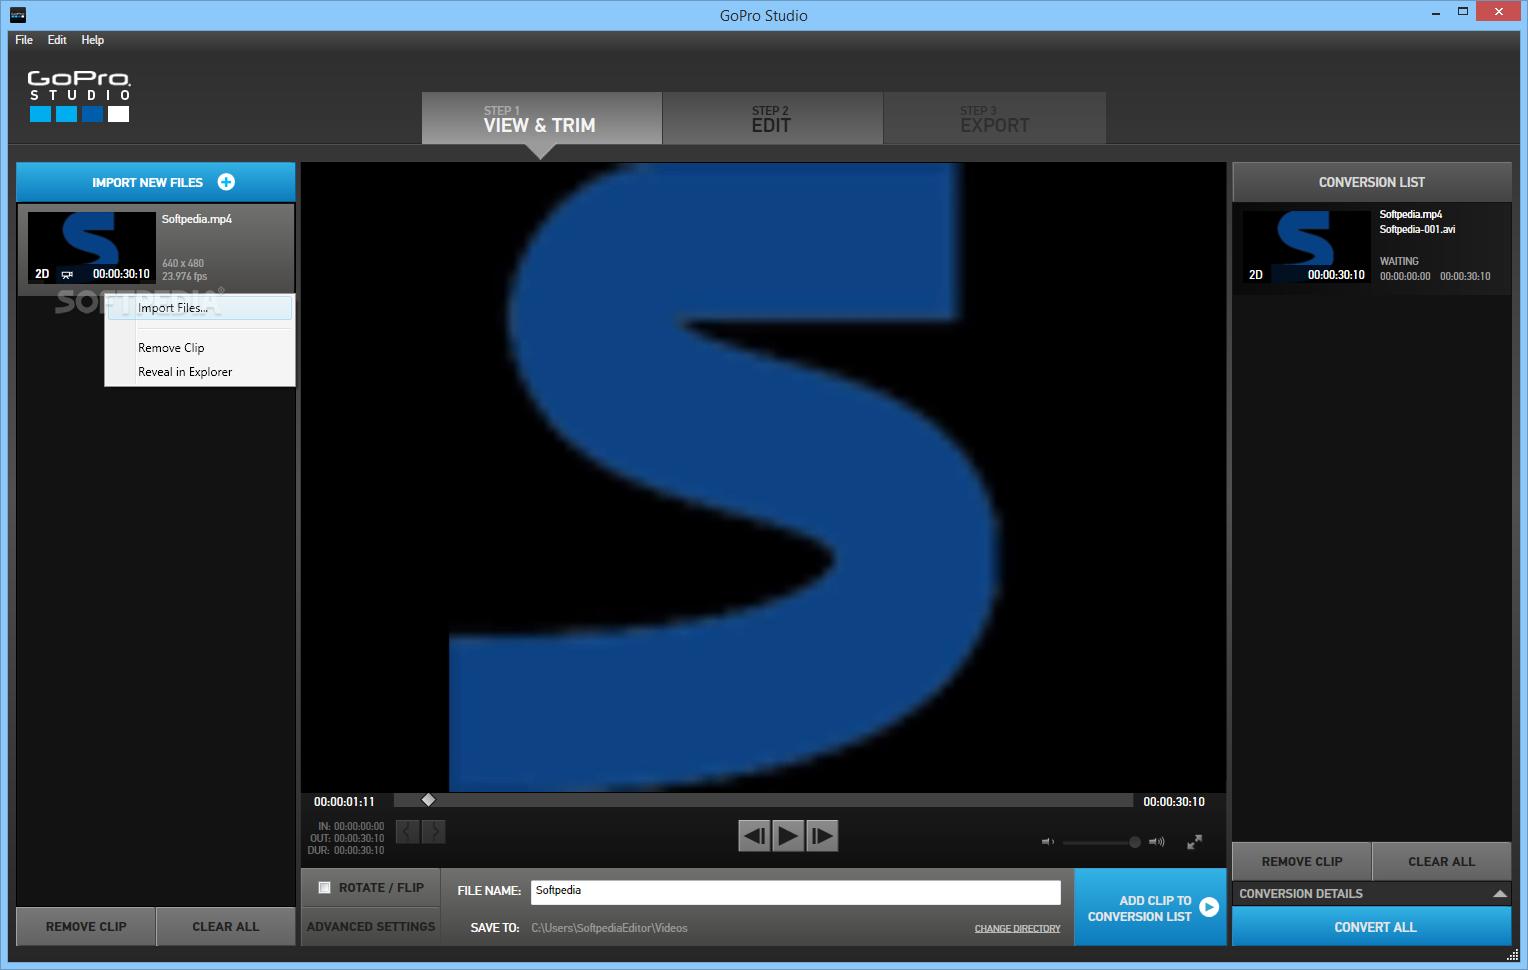 gopro studio 2.5.10